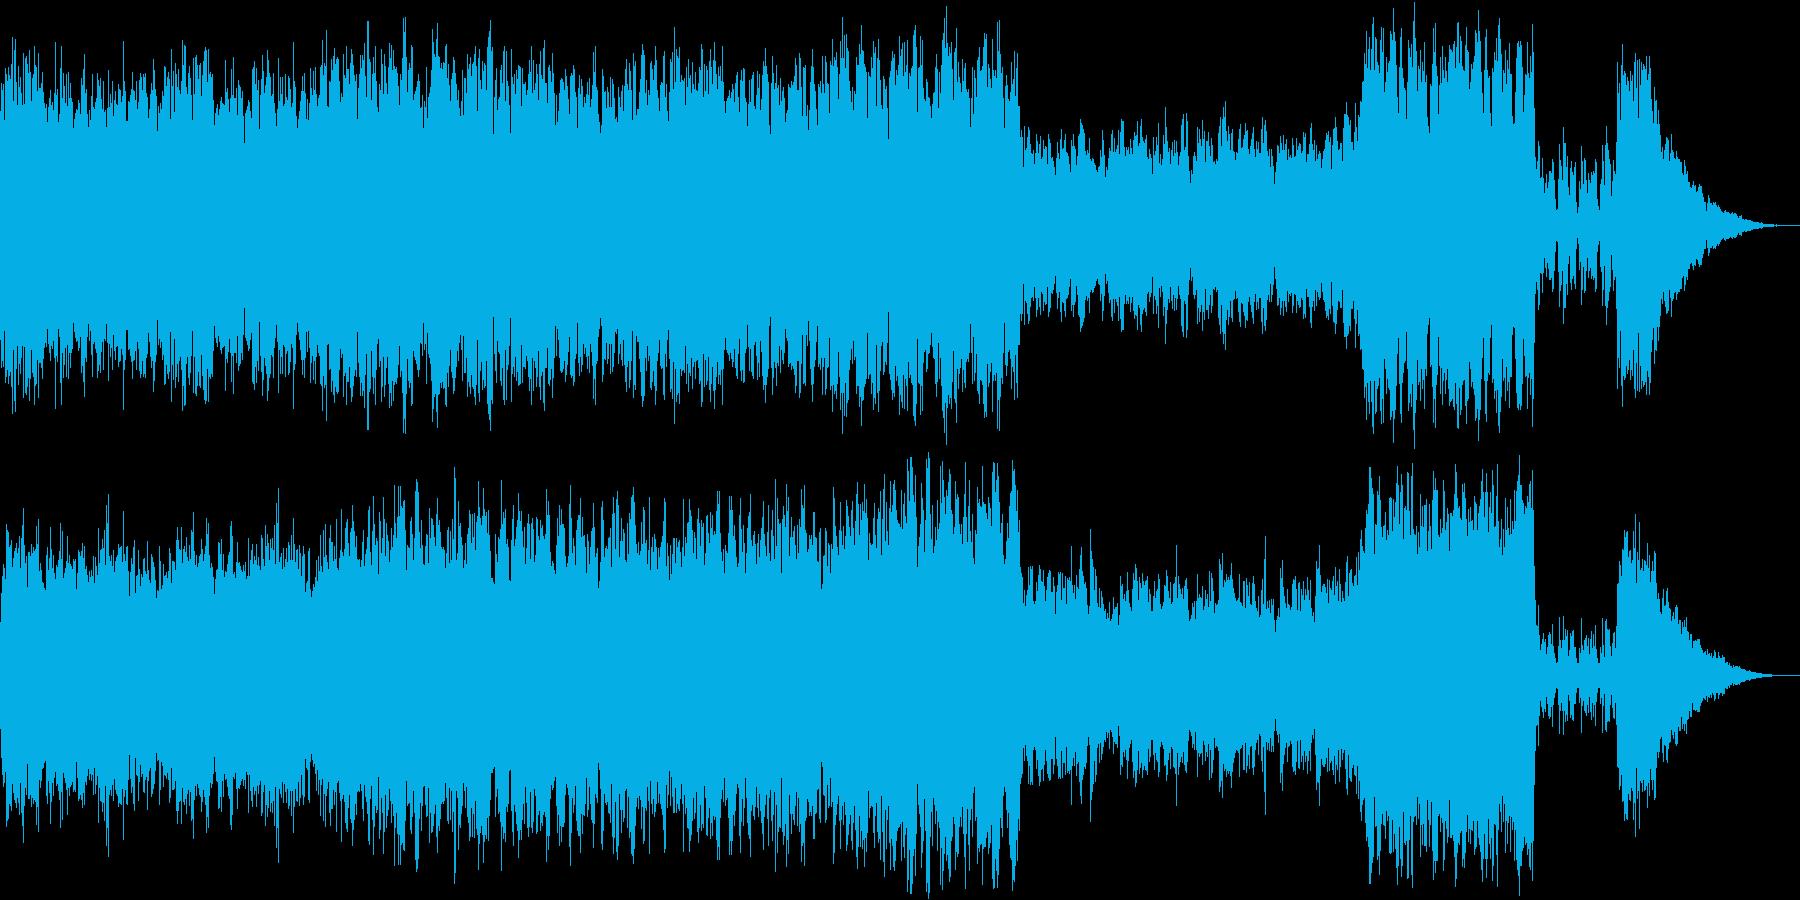 ミドルテンポの物悲しい楽曲の再生済みの波形